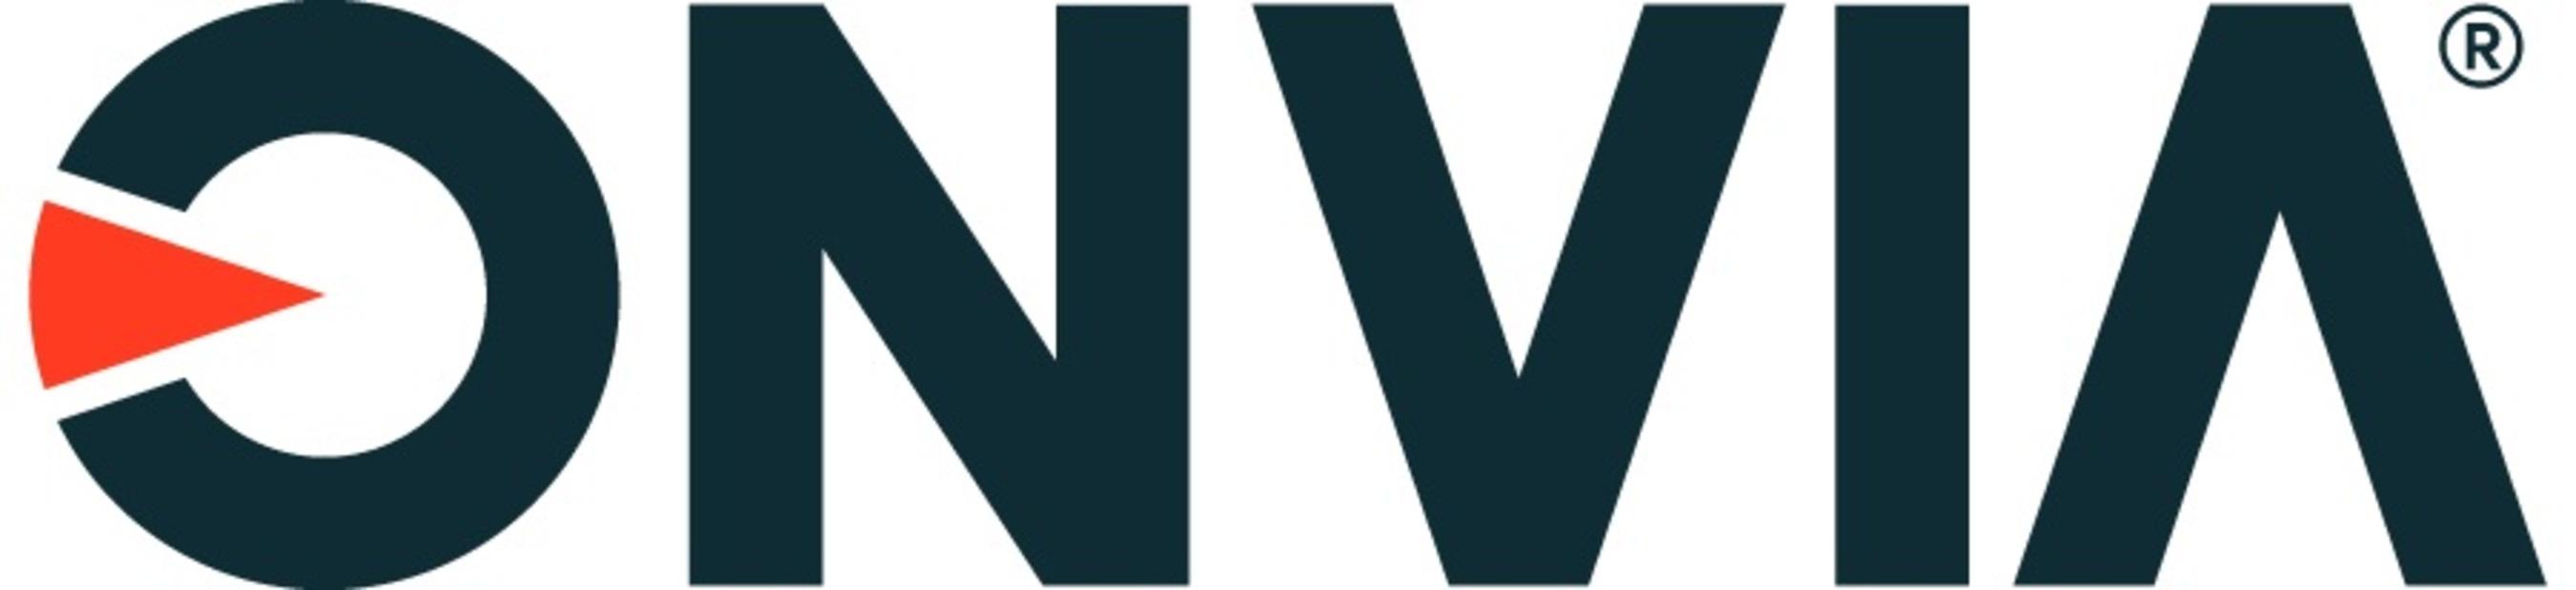 Onvia, Inc. Logo